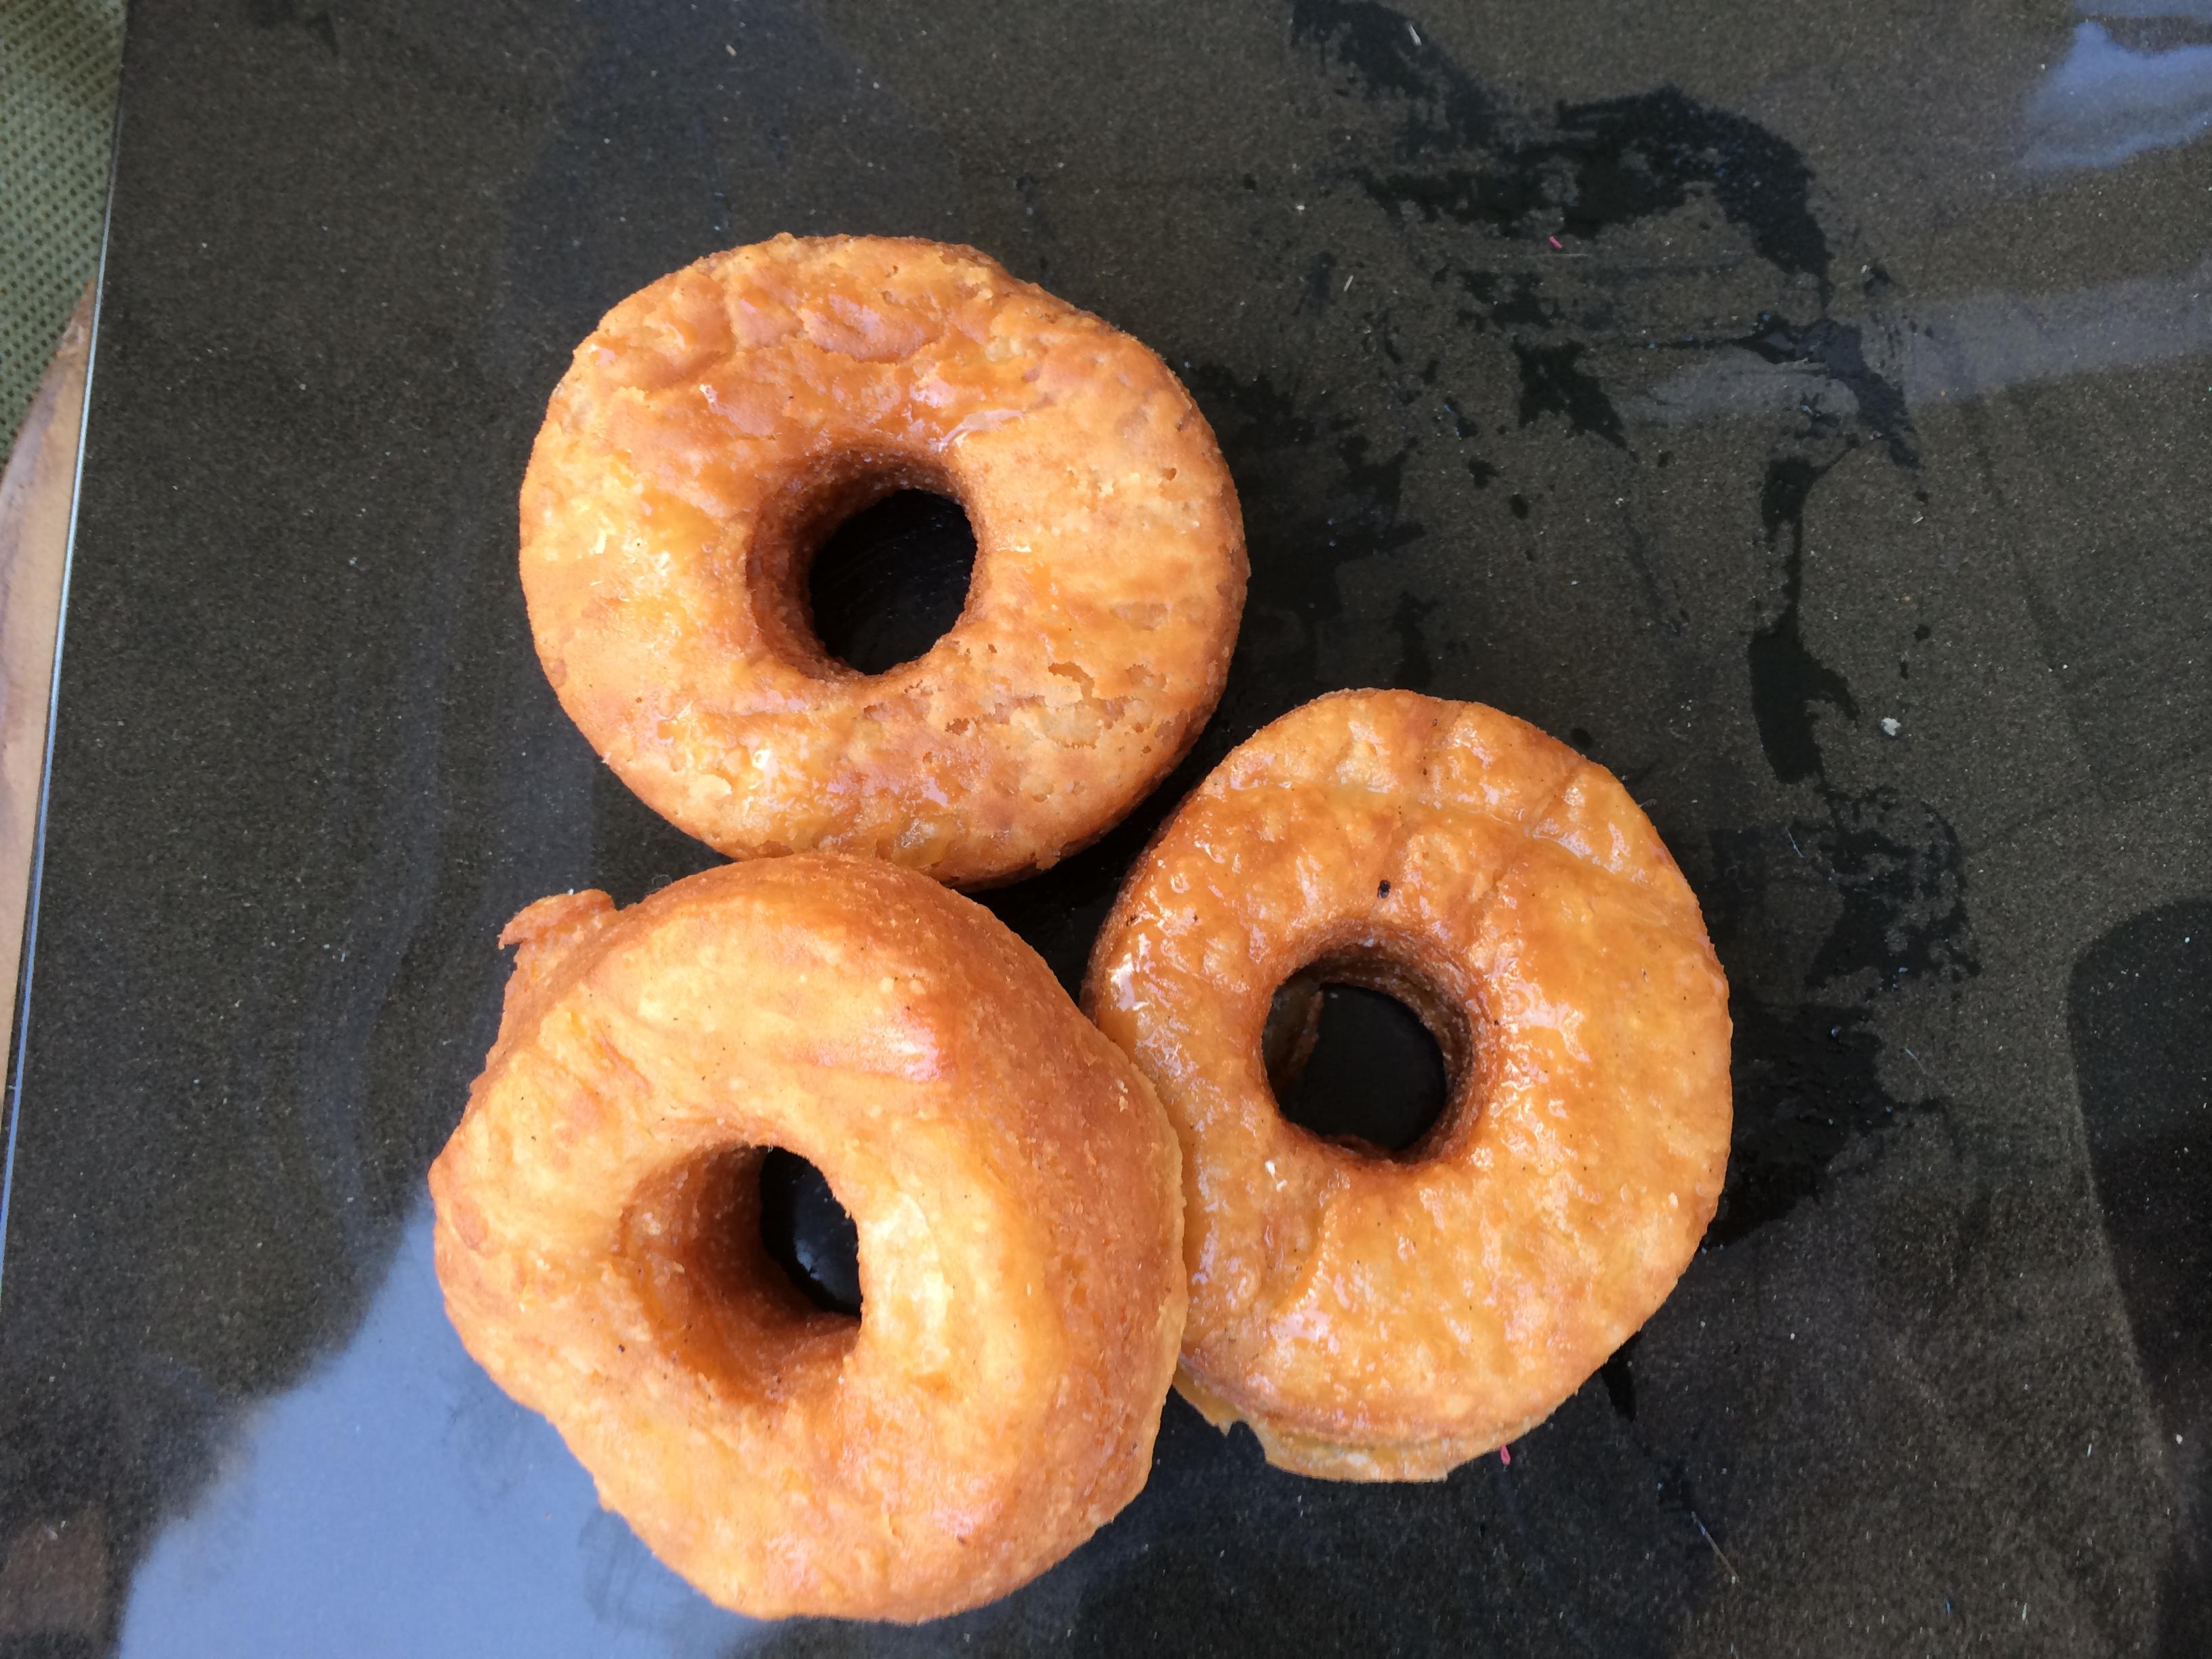 vegan cronut